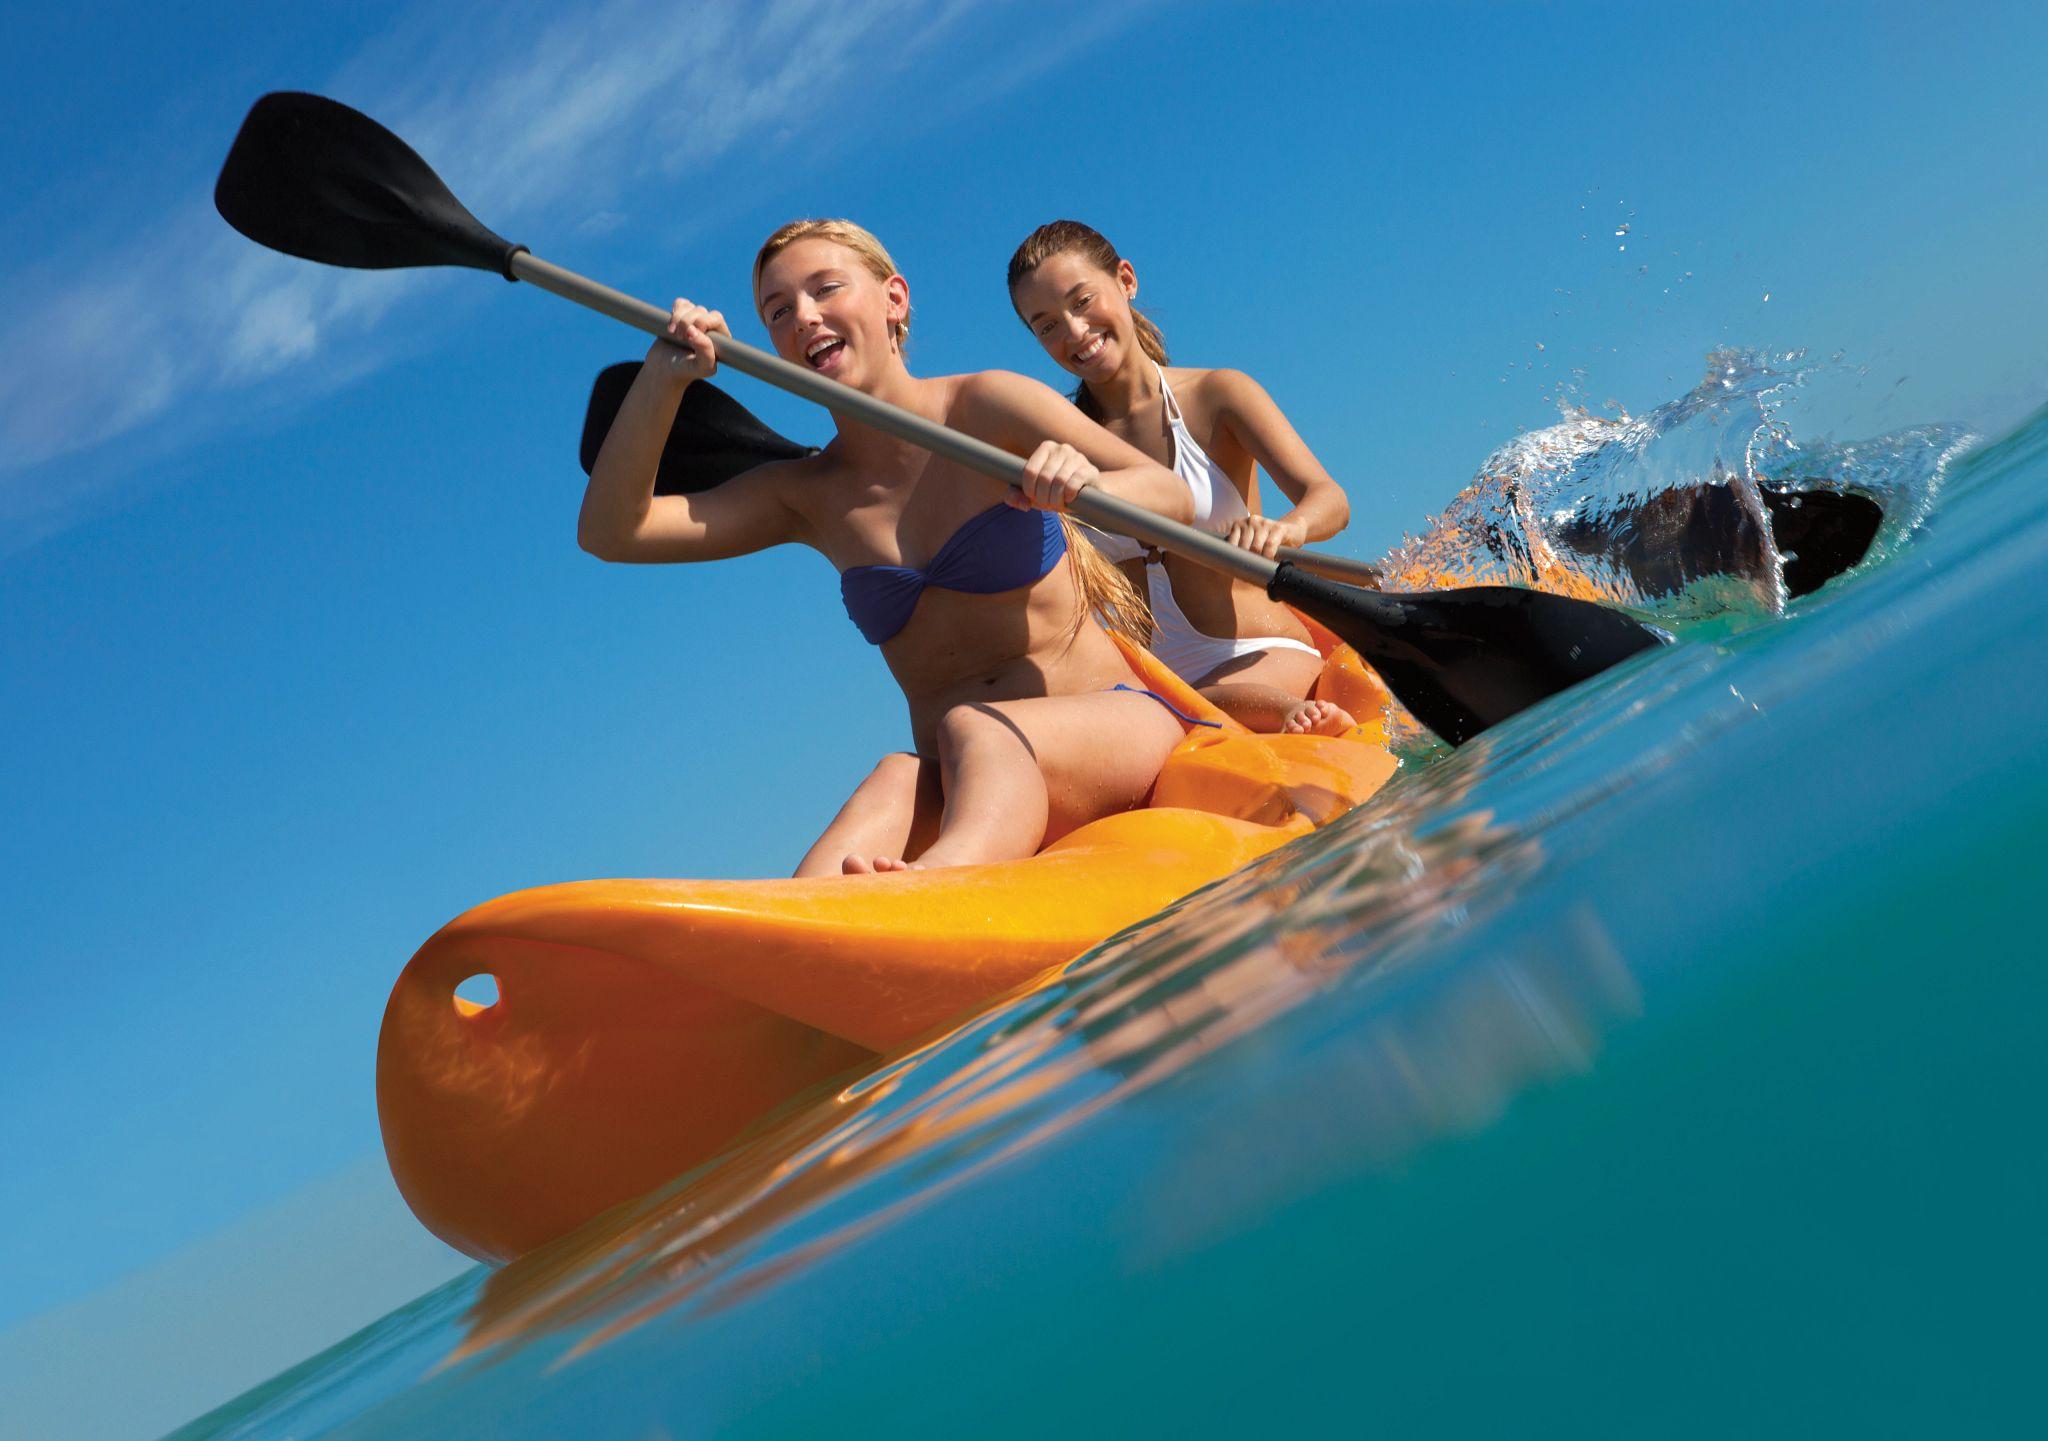 teens kayaking in the ocean